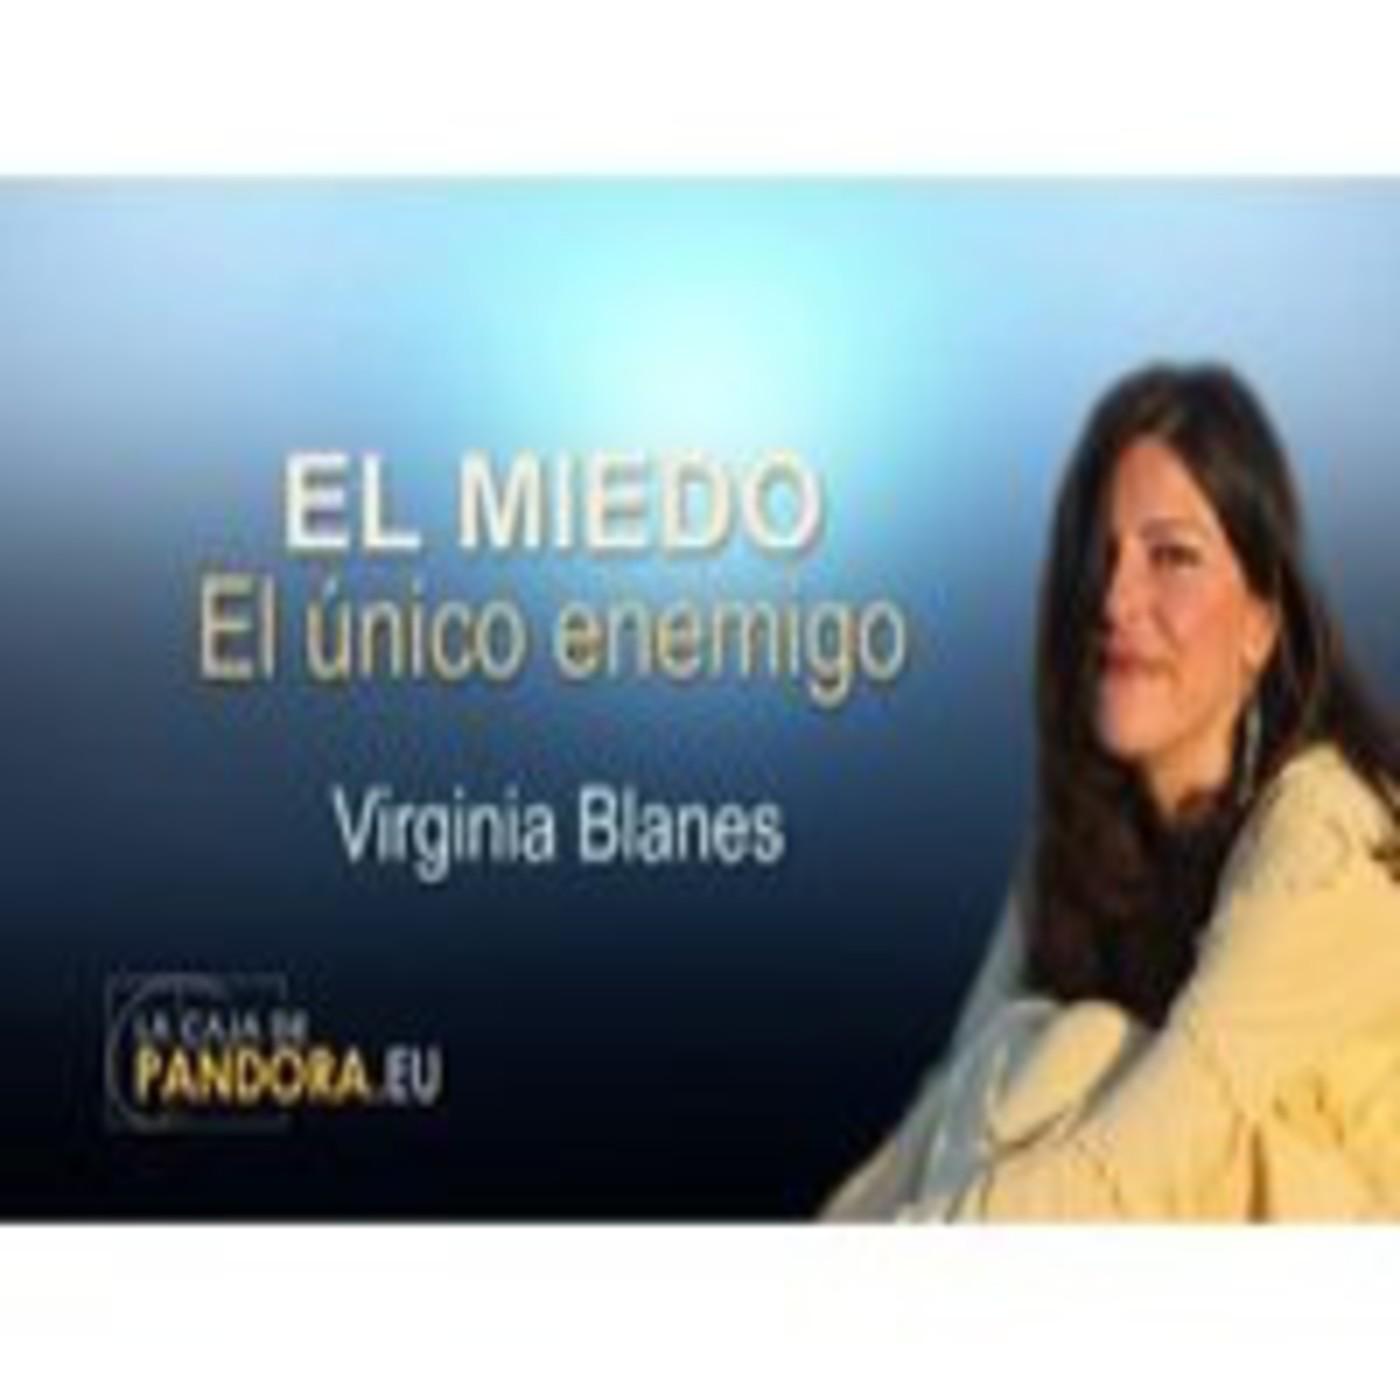 EL MIEDO El único enemigo – Virginia Blanes